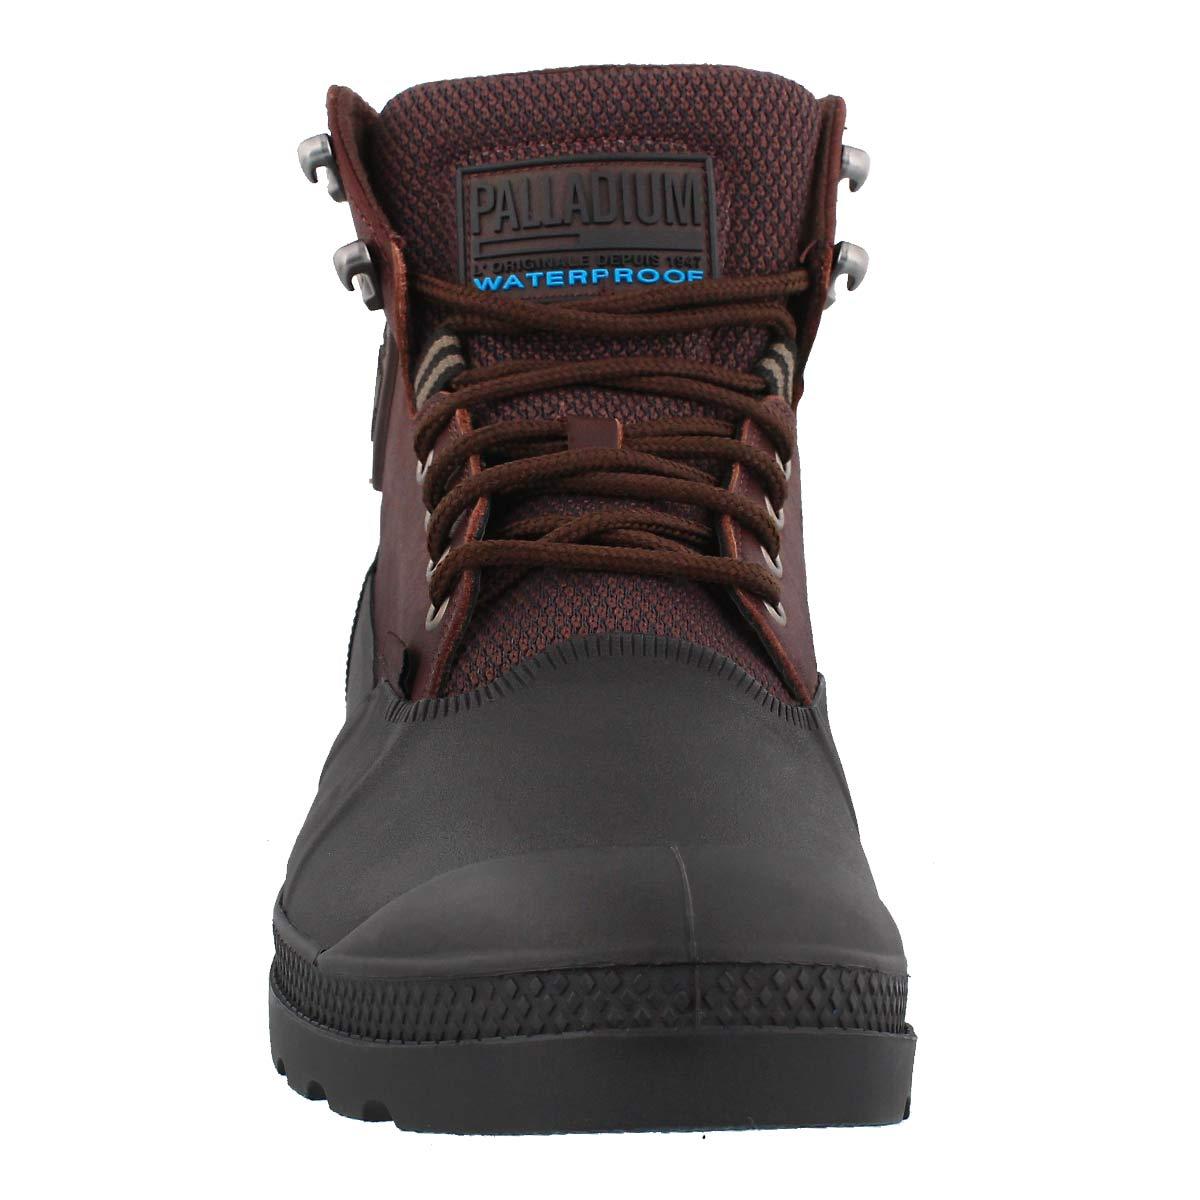 Mns Sport Cuff 2.0 wtpf rock ankle boot